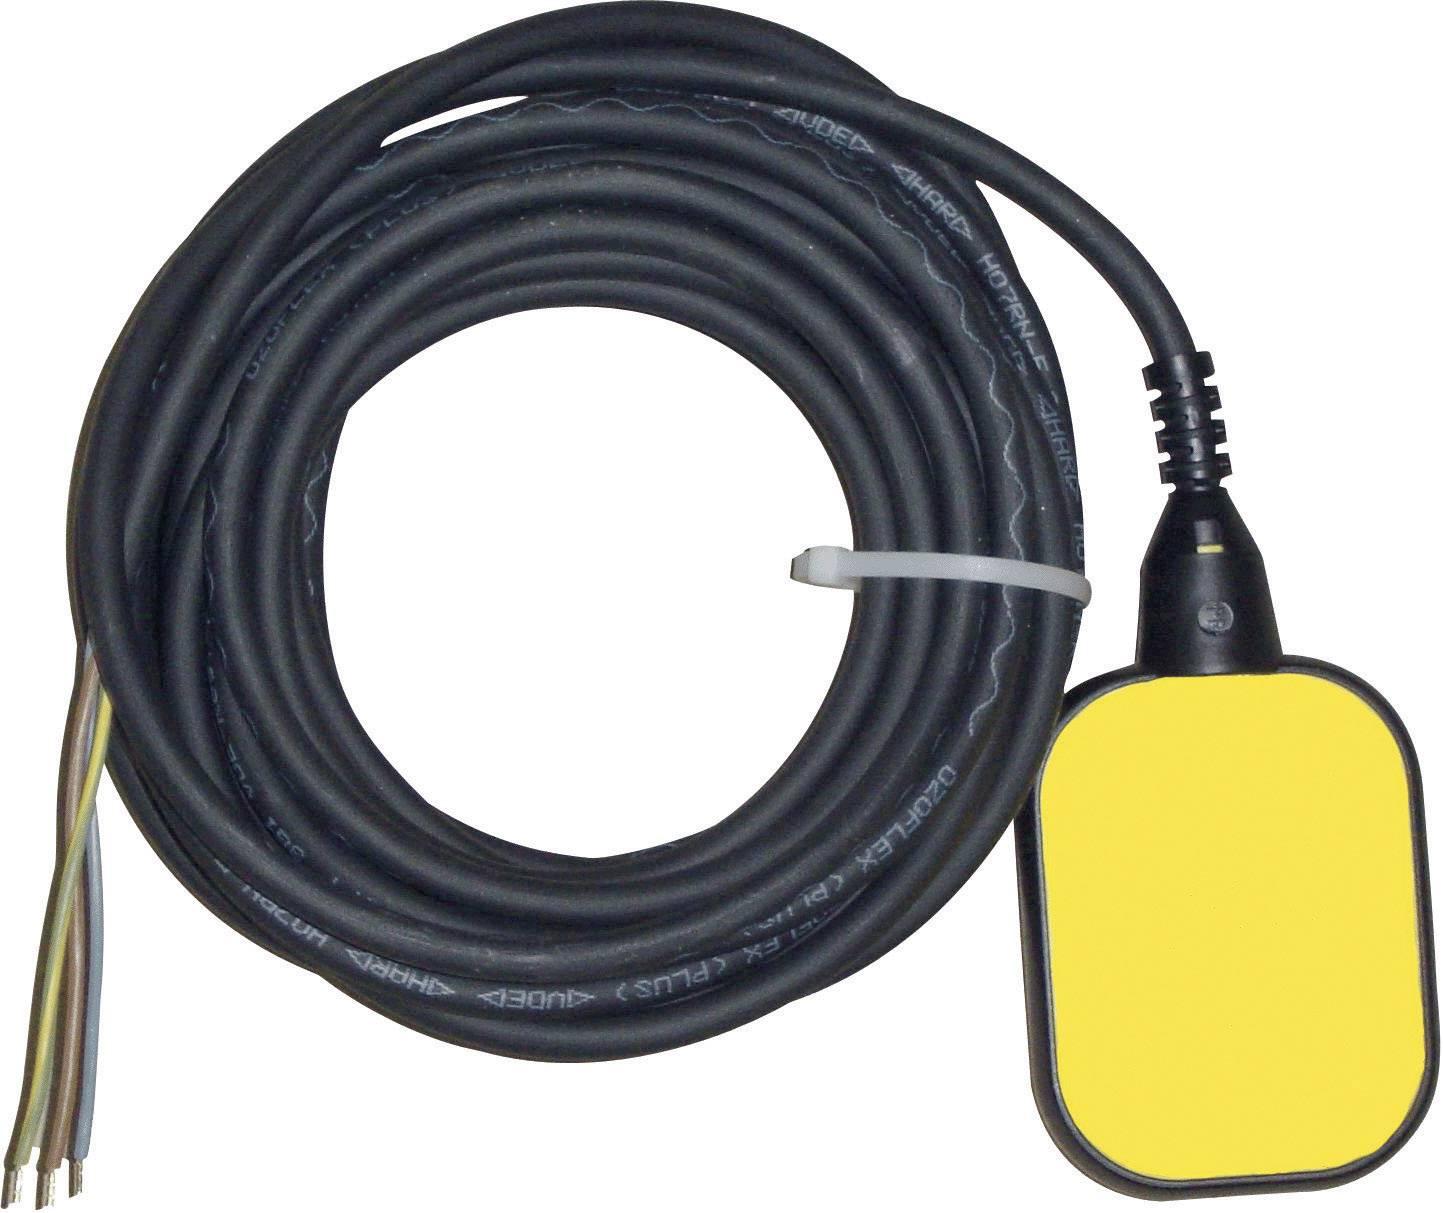 Plavákový spínač pre napúšťanie Zehnder Pumpen 14495, 10 m, žltý